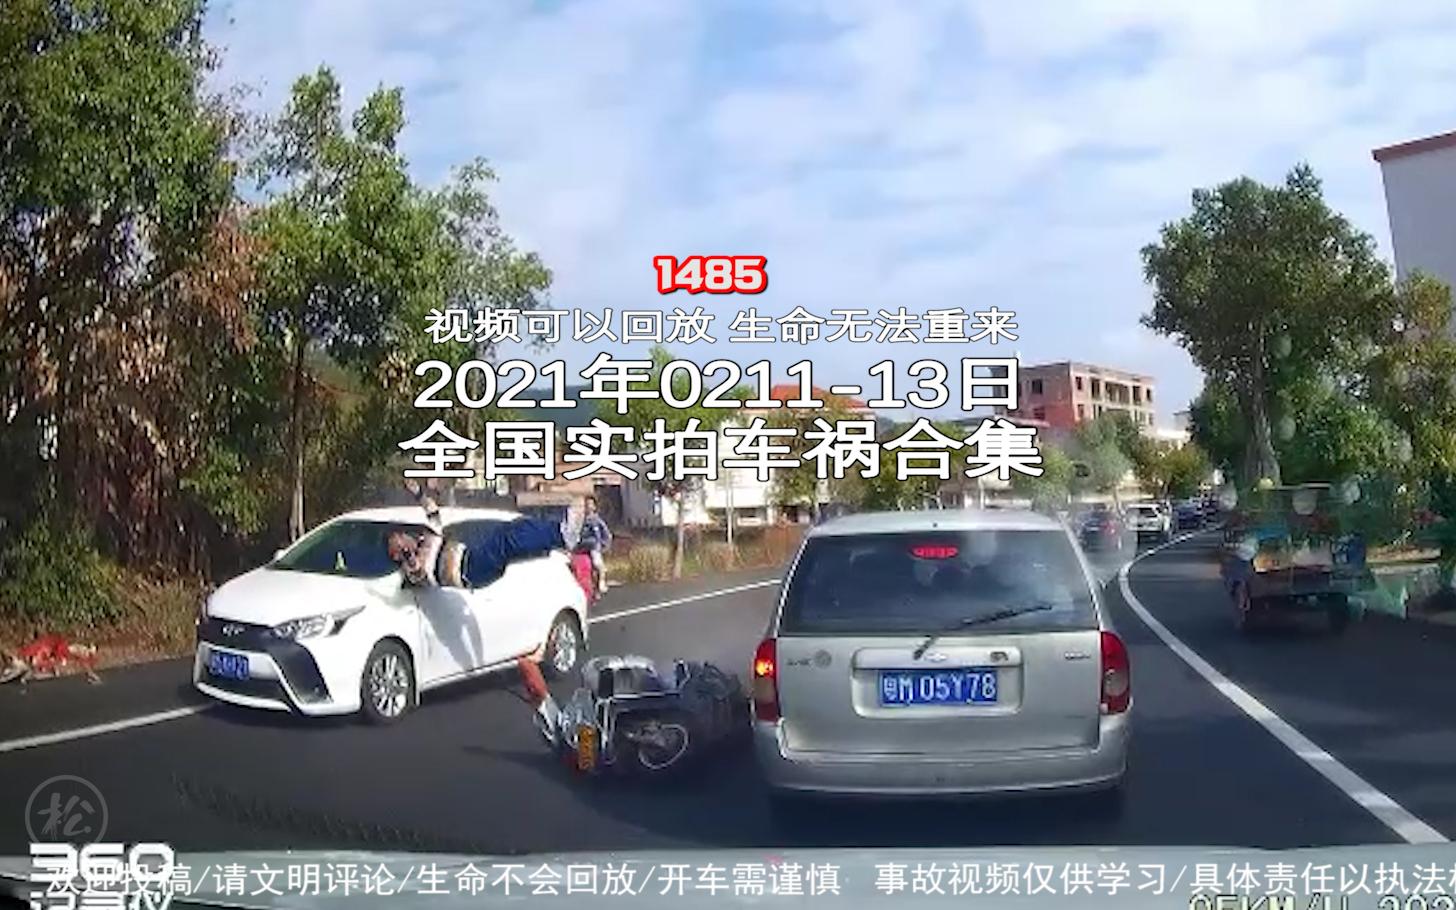 1485期:suv雪天超车,遭遇对向大车后失控翻到沟里【20210211-13全国车祸合集】